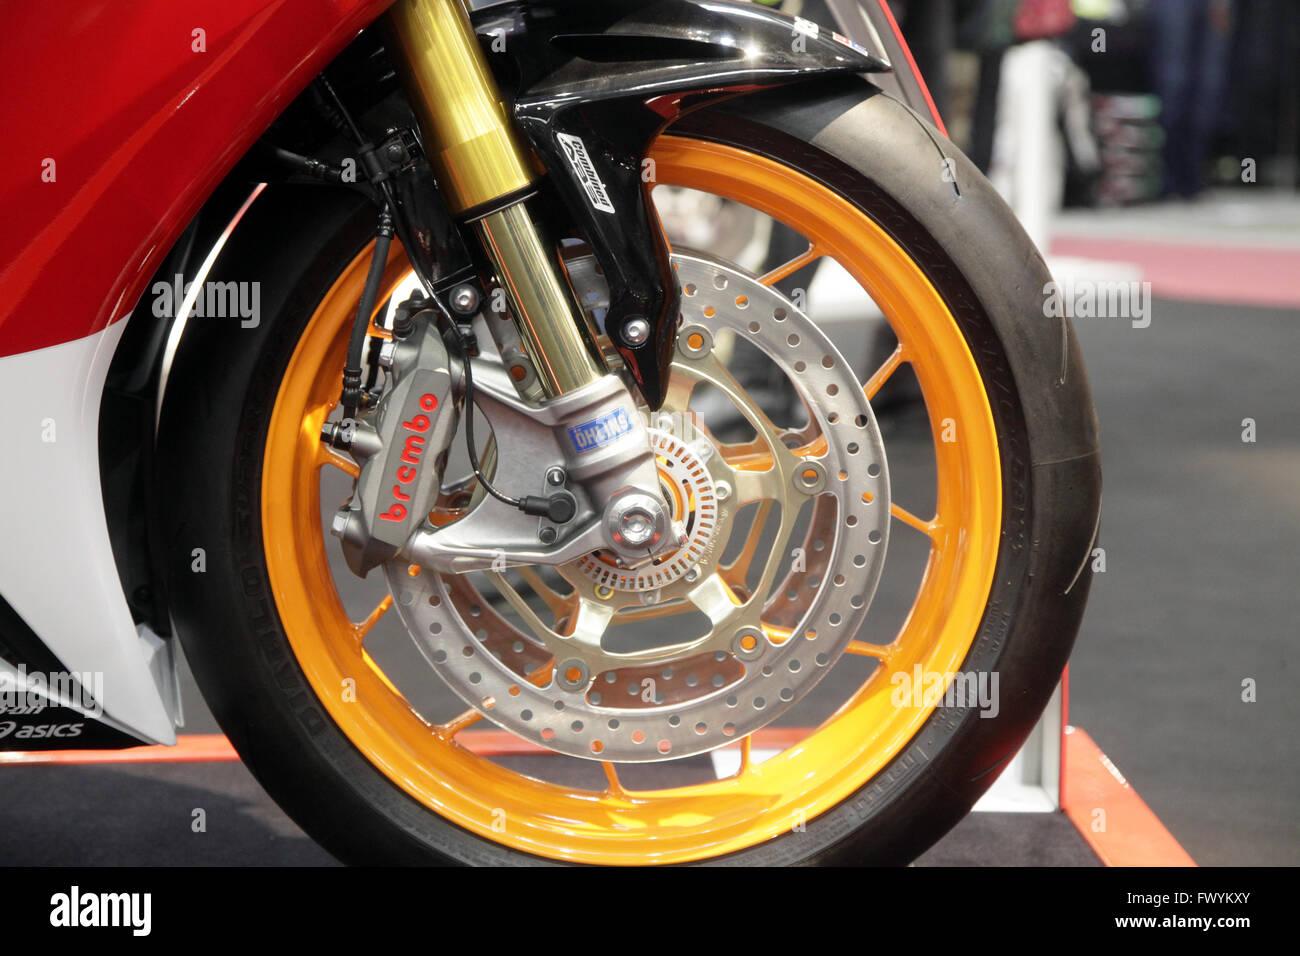 Un detalle del neumático mostrar un Brembo SpA componentes en la moto. Foto de stock